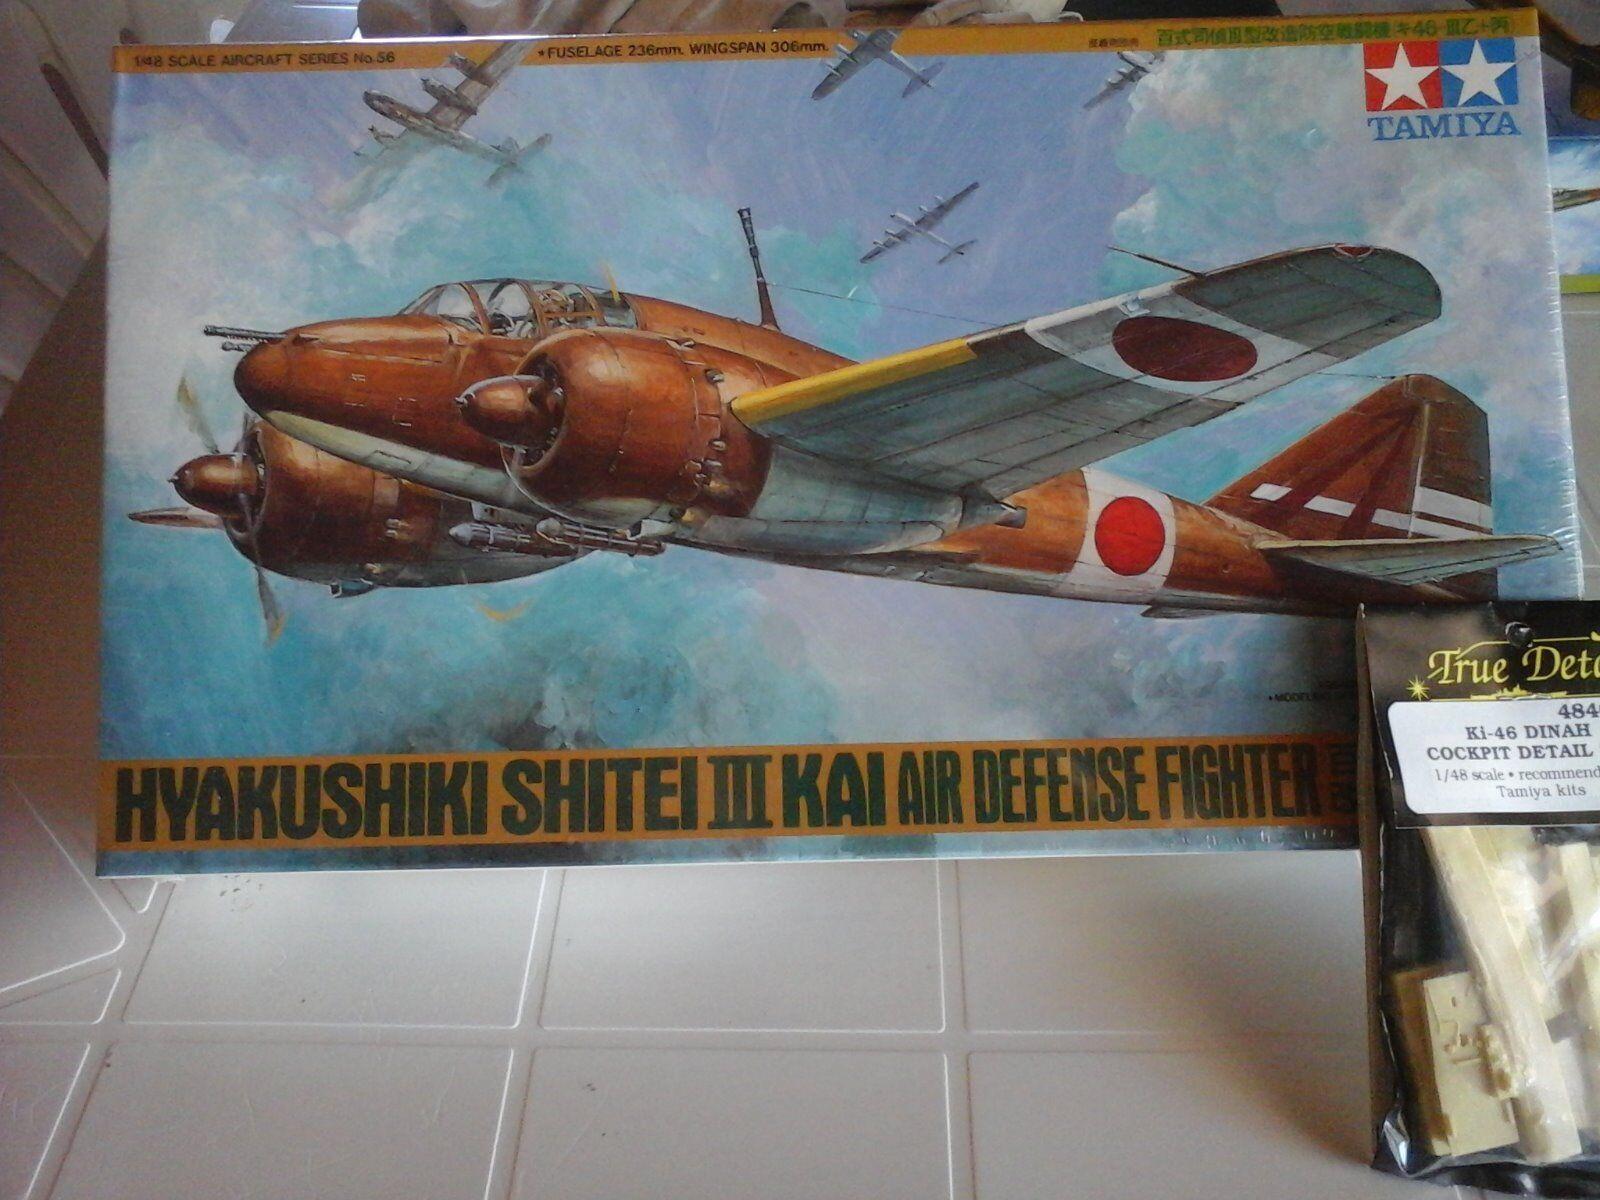 HYAKUSHIKI SHITEI  III KAI AIR DEFENSE FIGHTER 1/48 SCALE TAMIYA MODEL+RESIN PAR